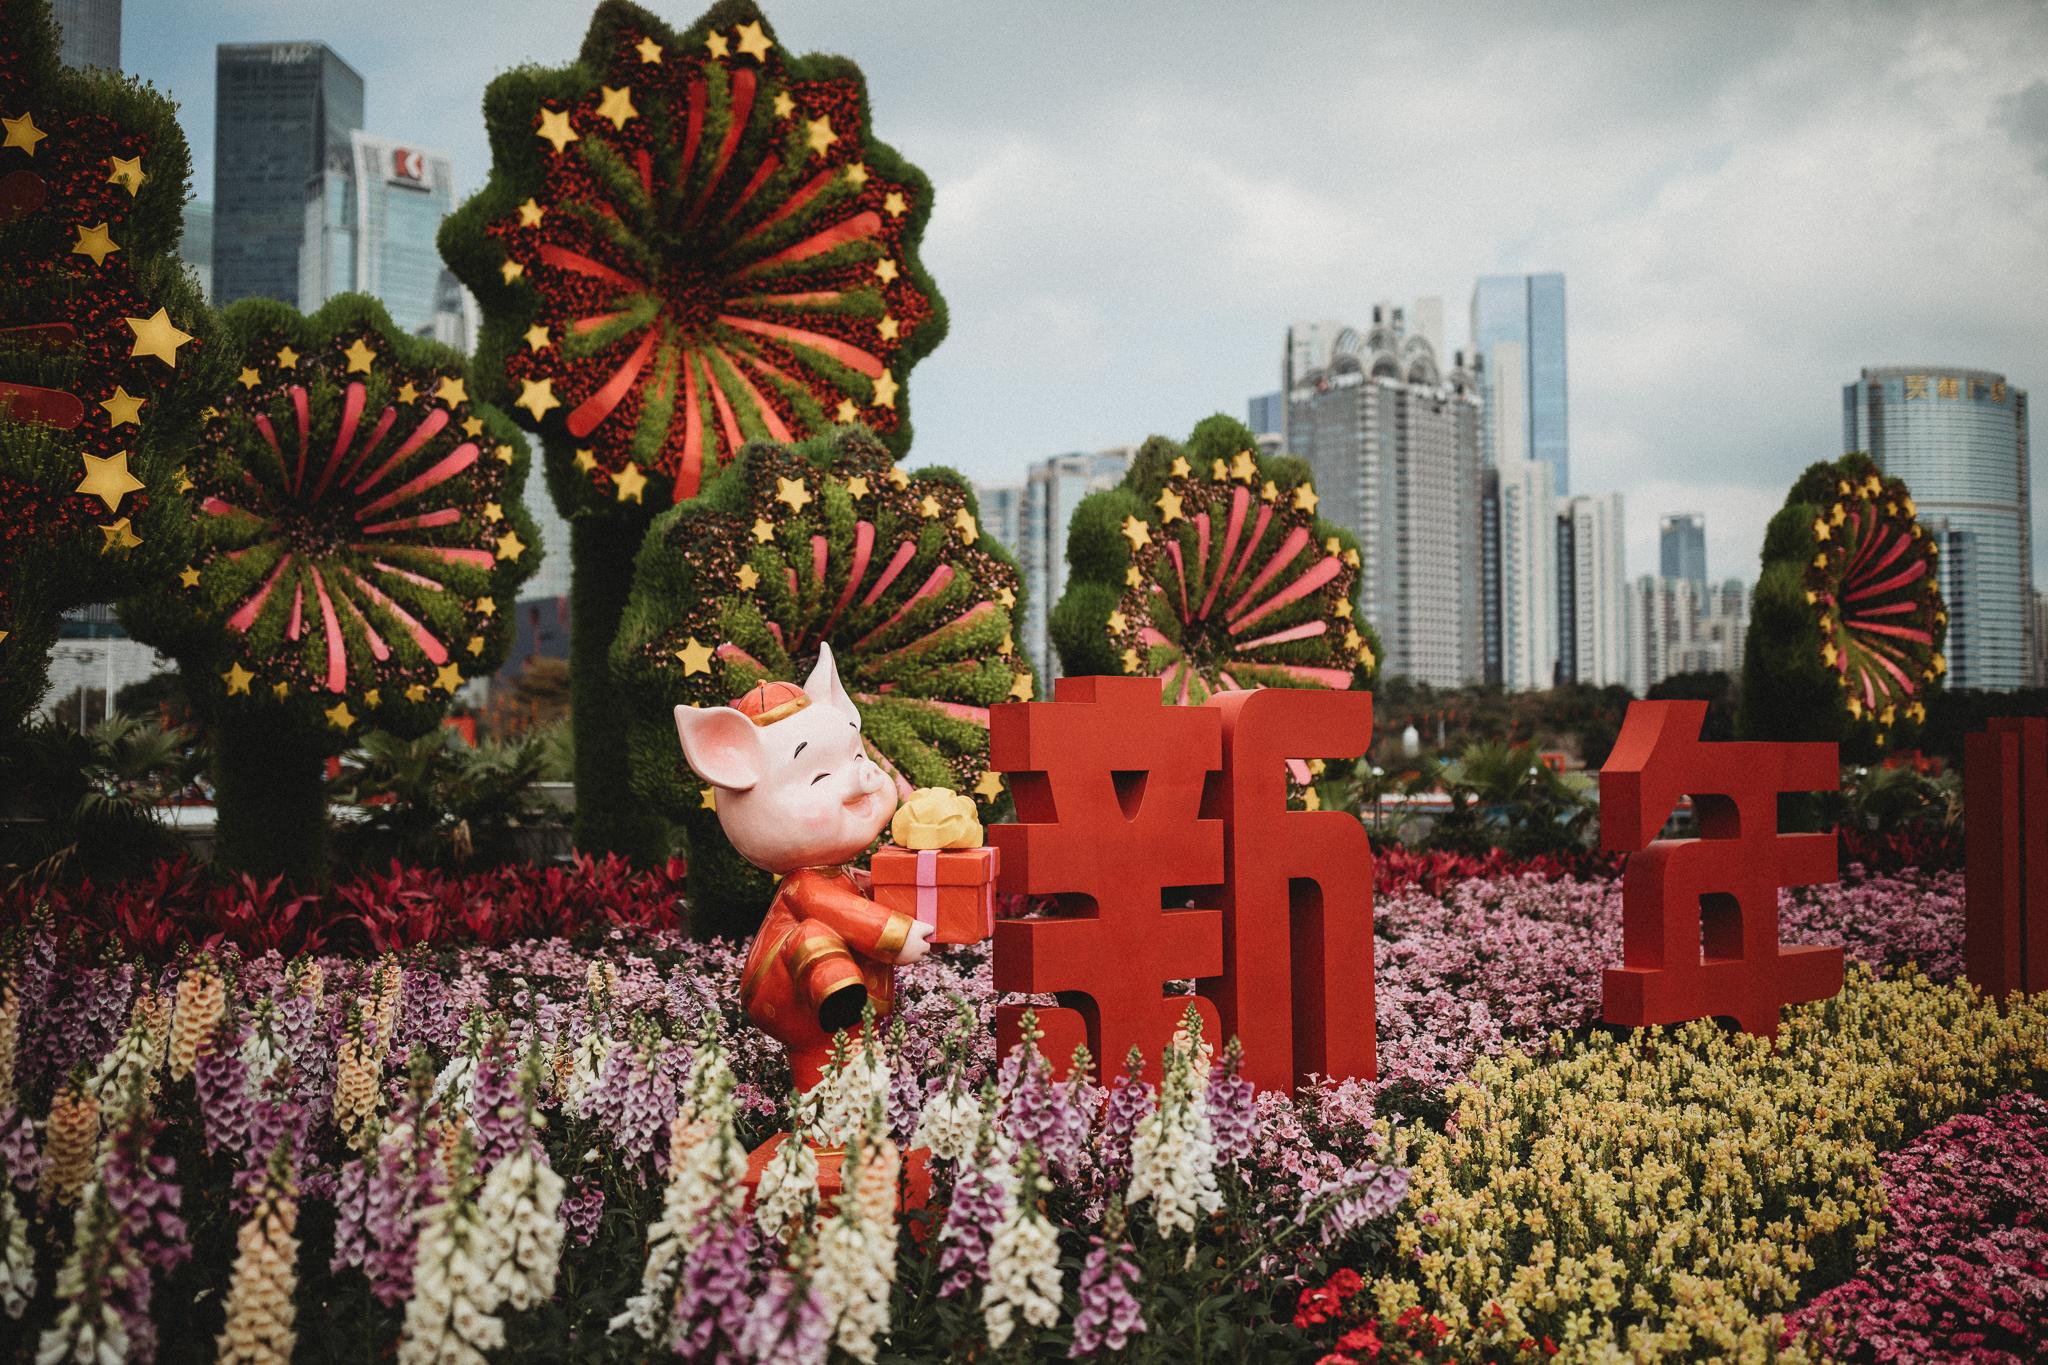 Haixinsha Flower festival, Chinese New Year, Guangzhou China (14 of 20).jpg